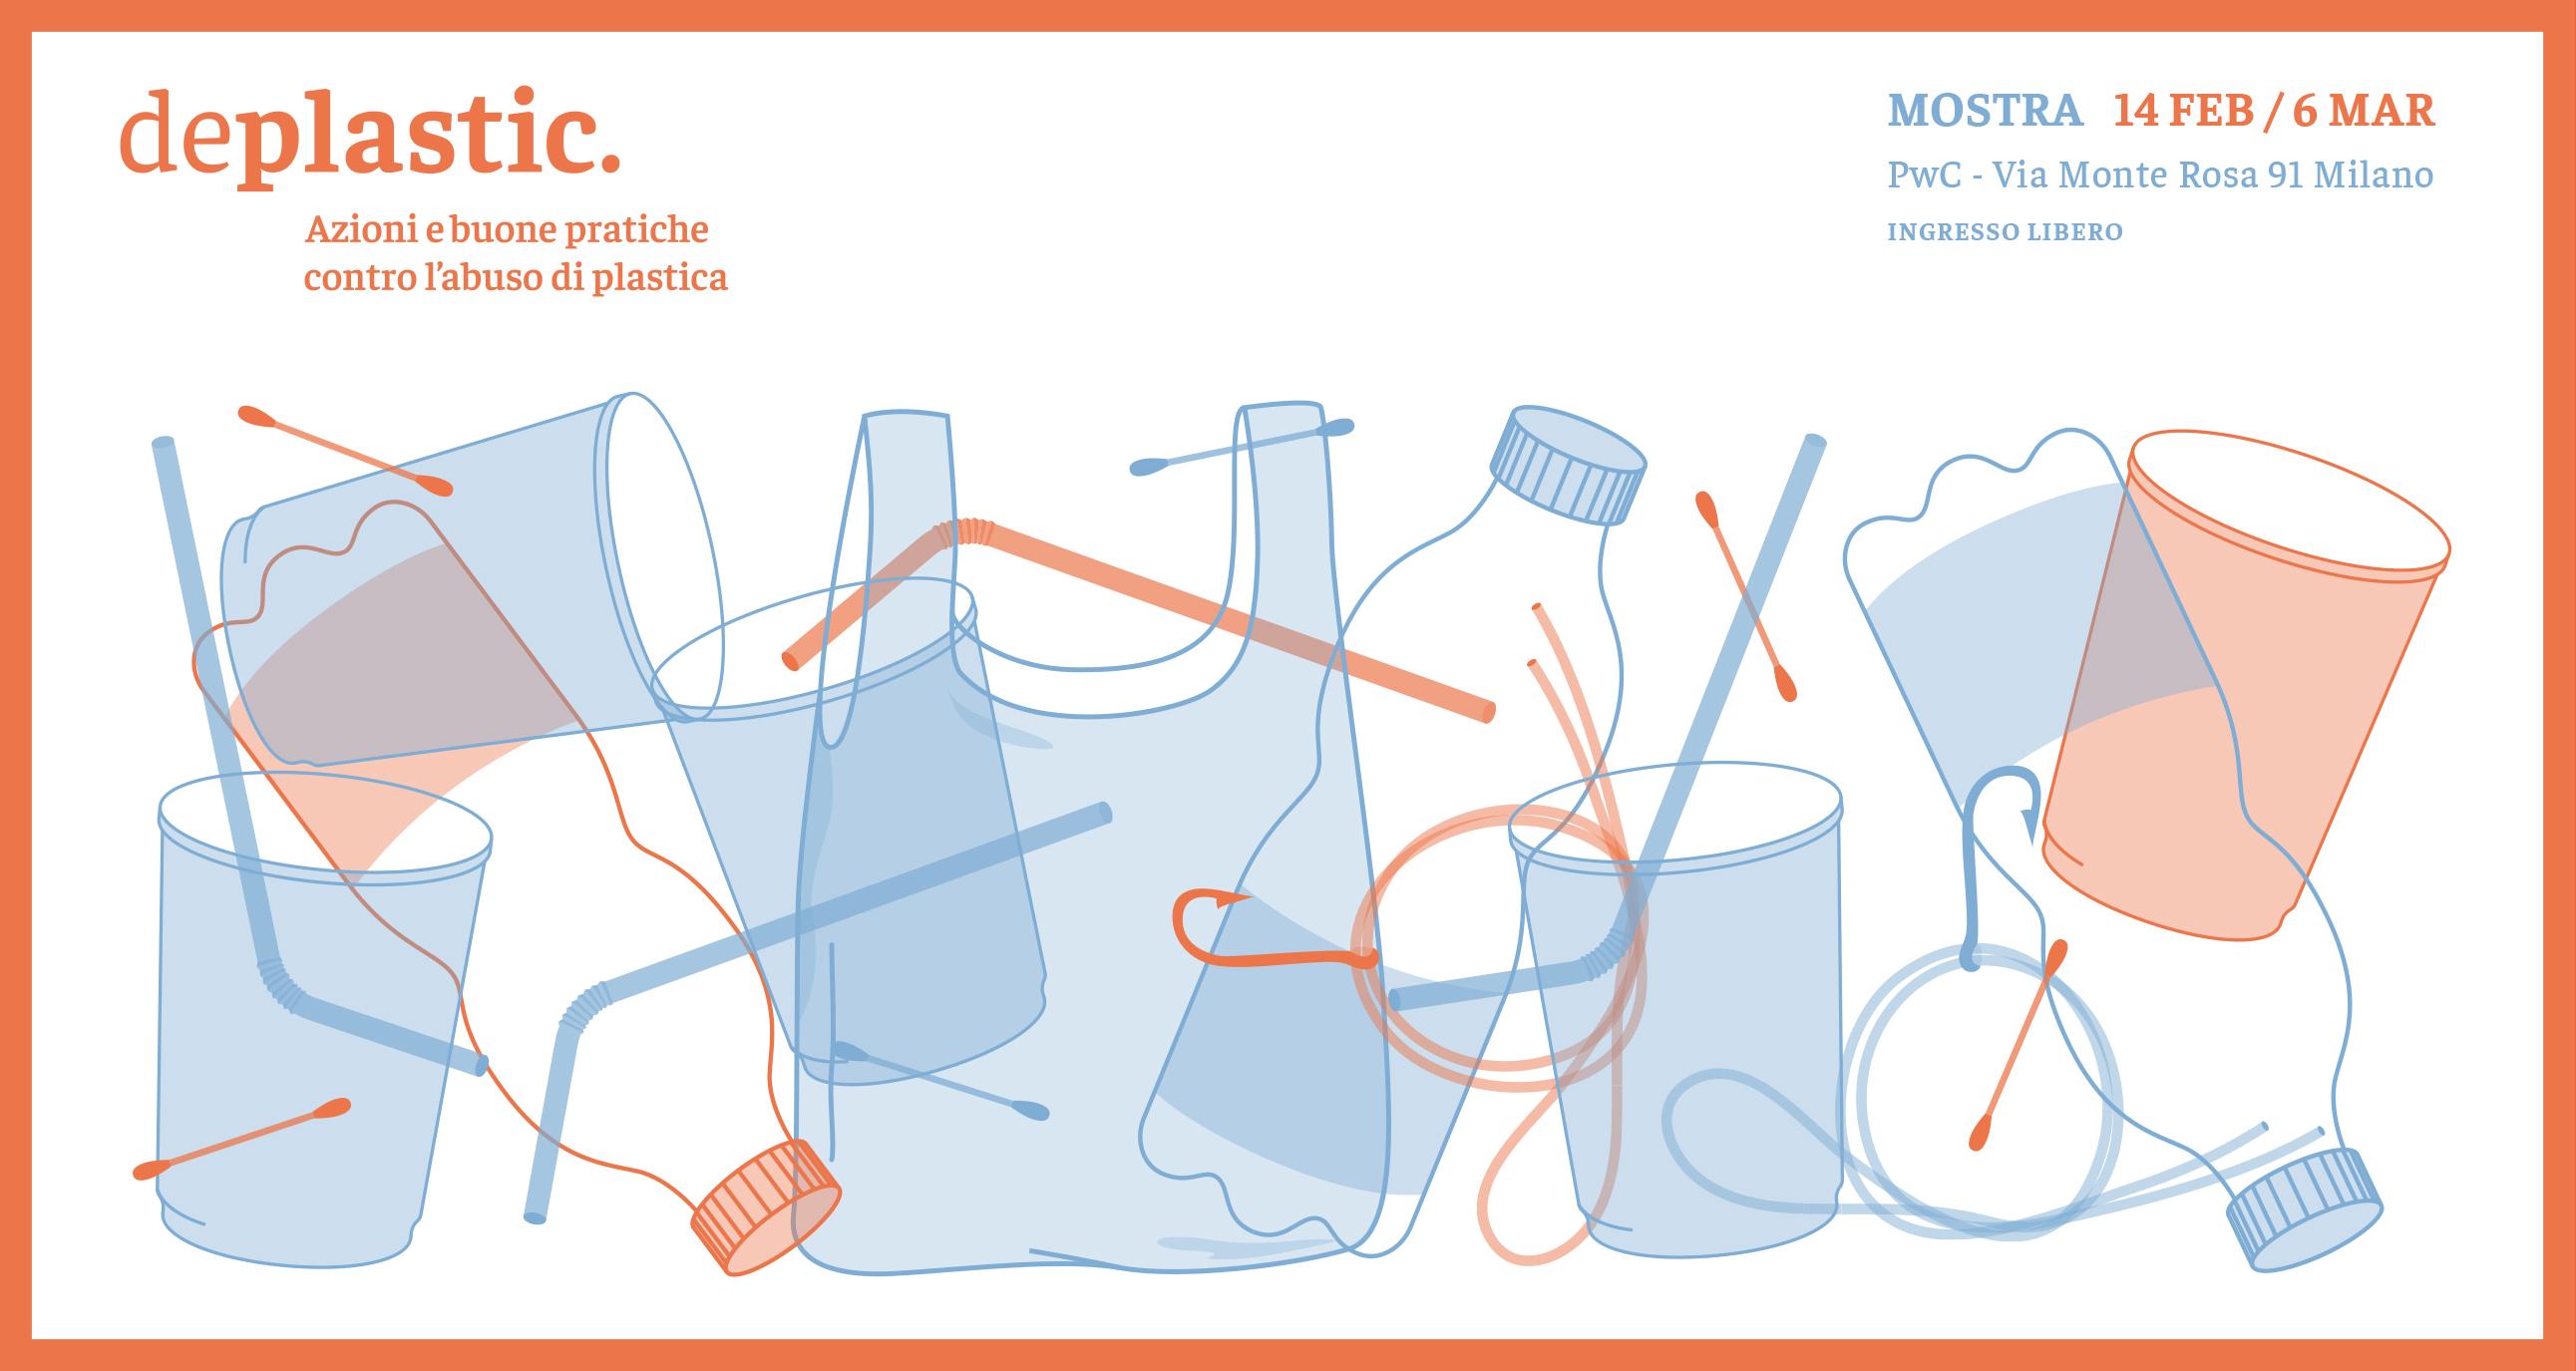 Deplastic2020: la prima tappa a Milano presso PWC